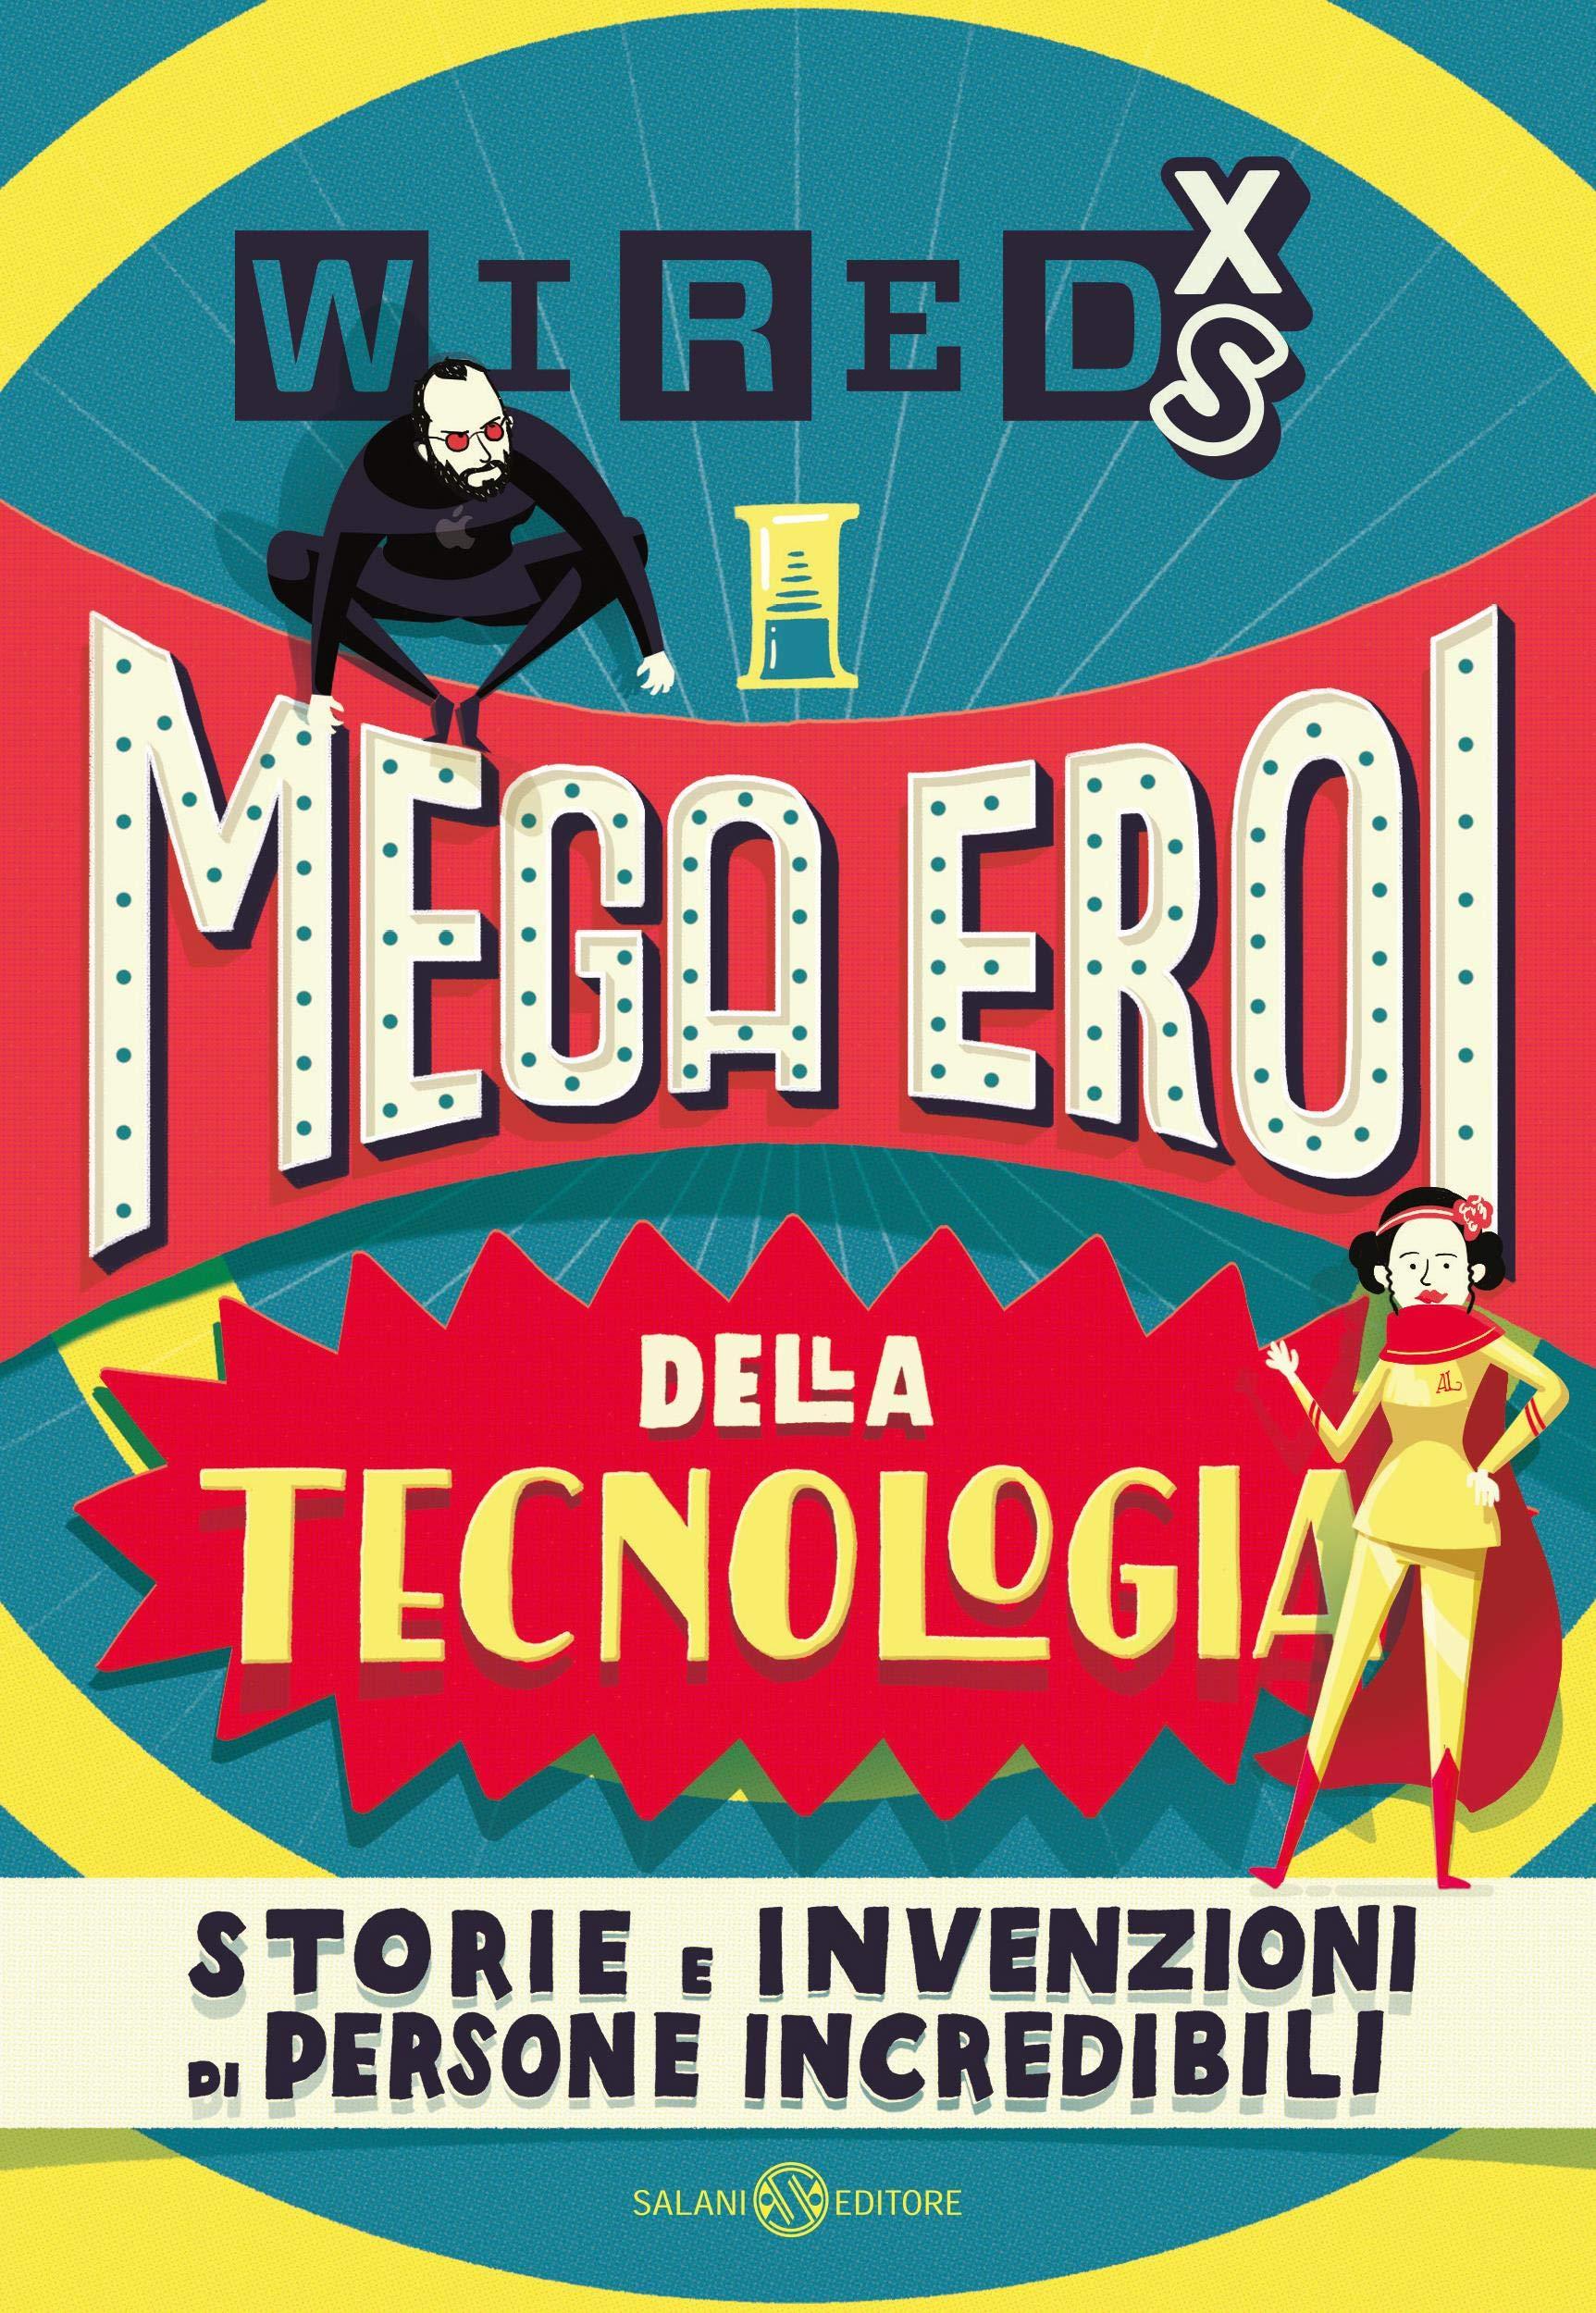 WIRED XS - Mega eroi della tecnologia: Storie e invenzioni di persone incredibili (Italian Edition)